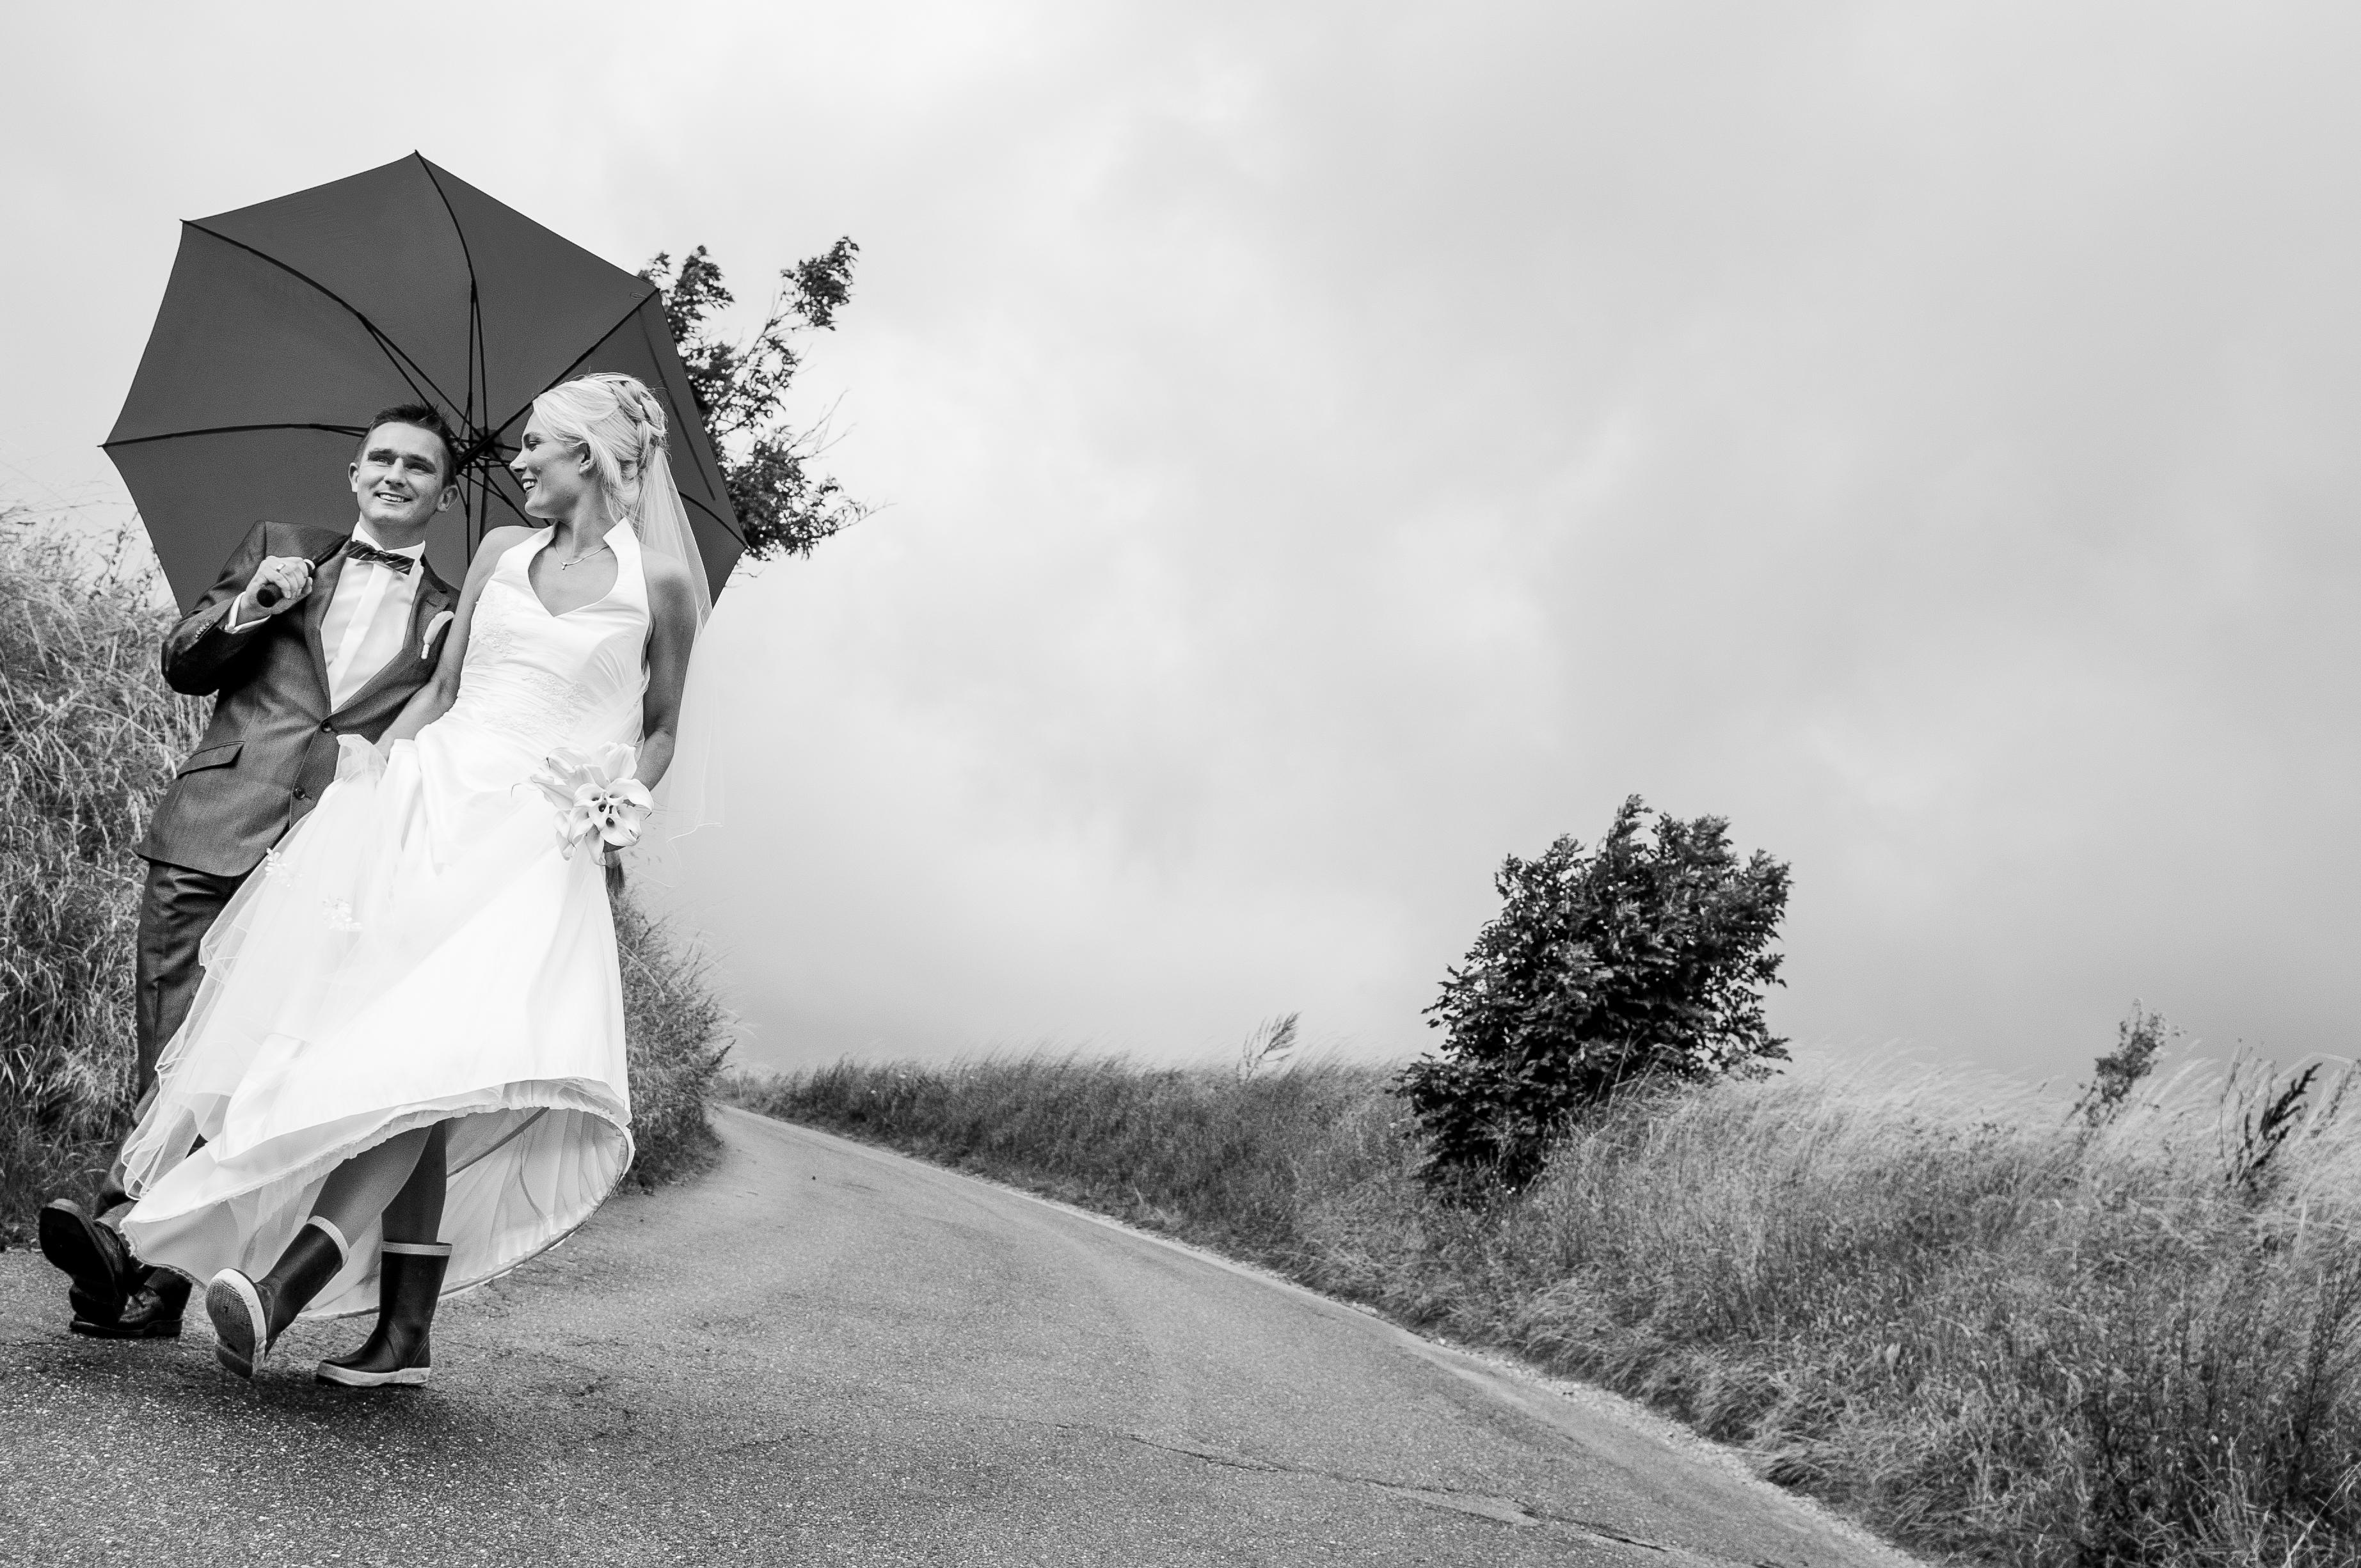 brudepar paa vej med paraply (1 of 1)